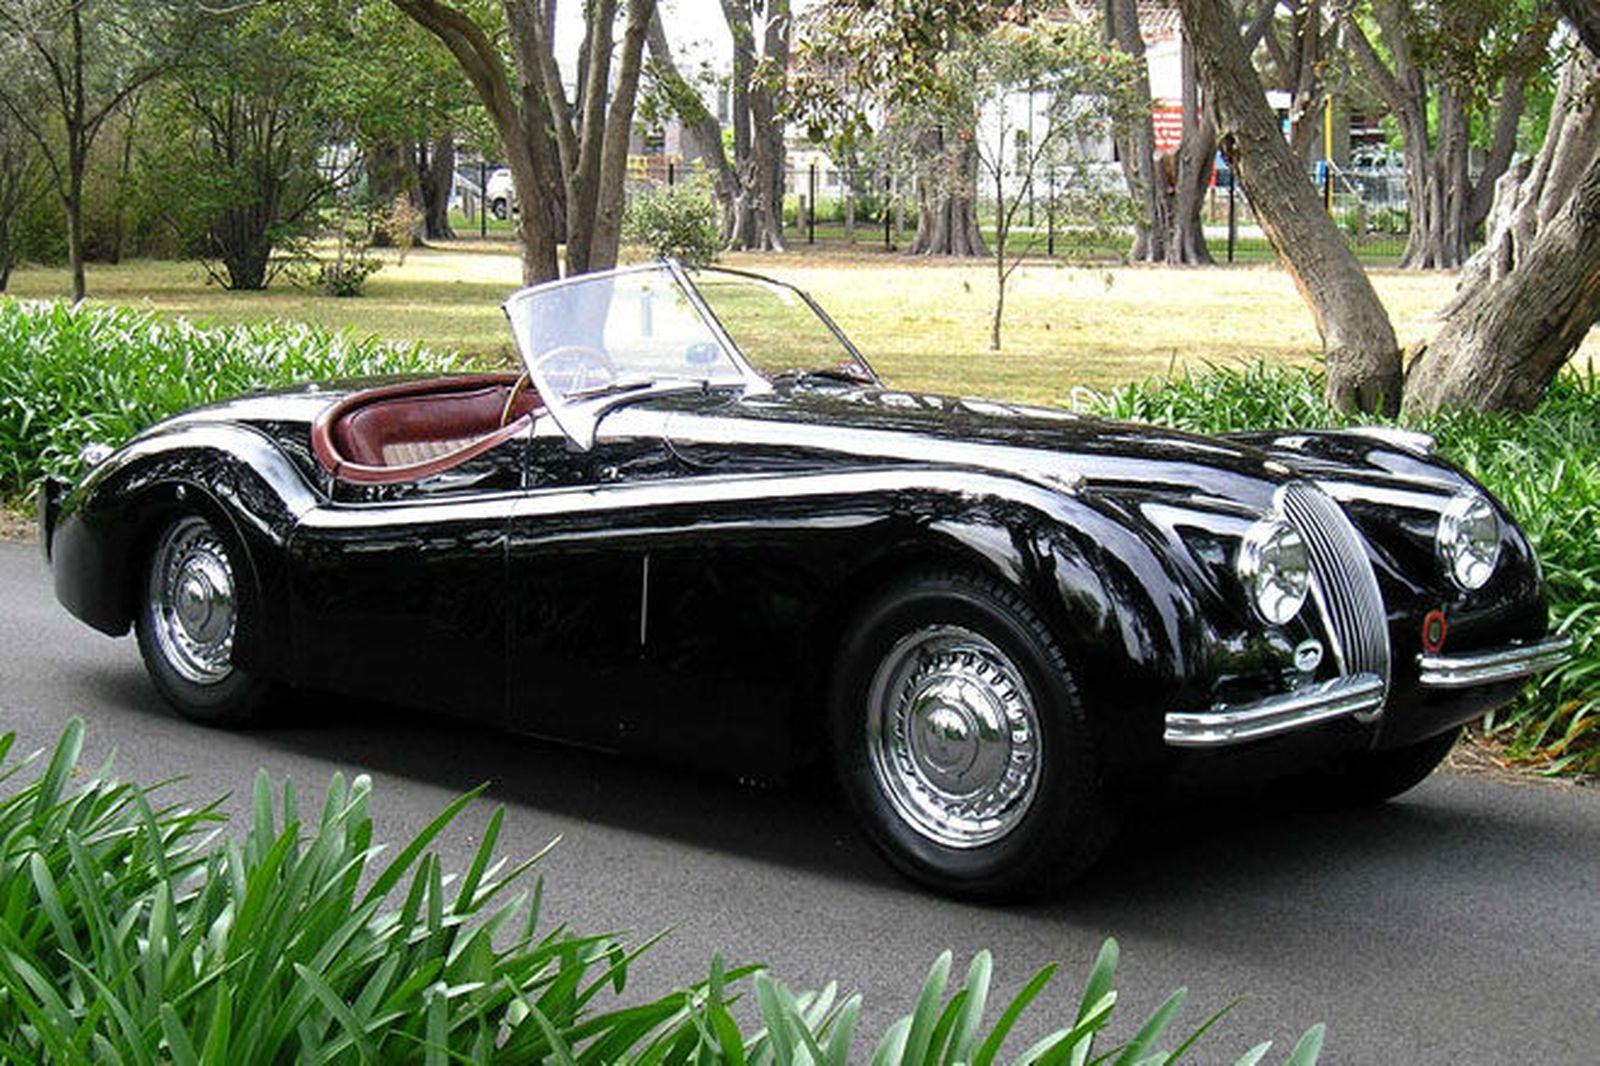 1956 Jaguar Xk 120 In Old School Convertible Cars